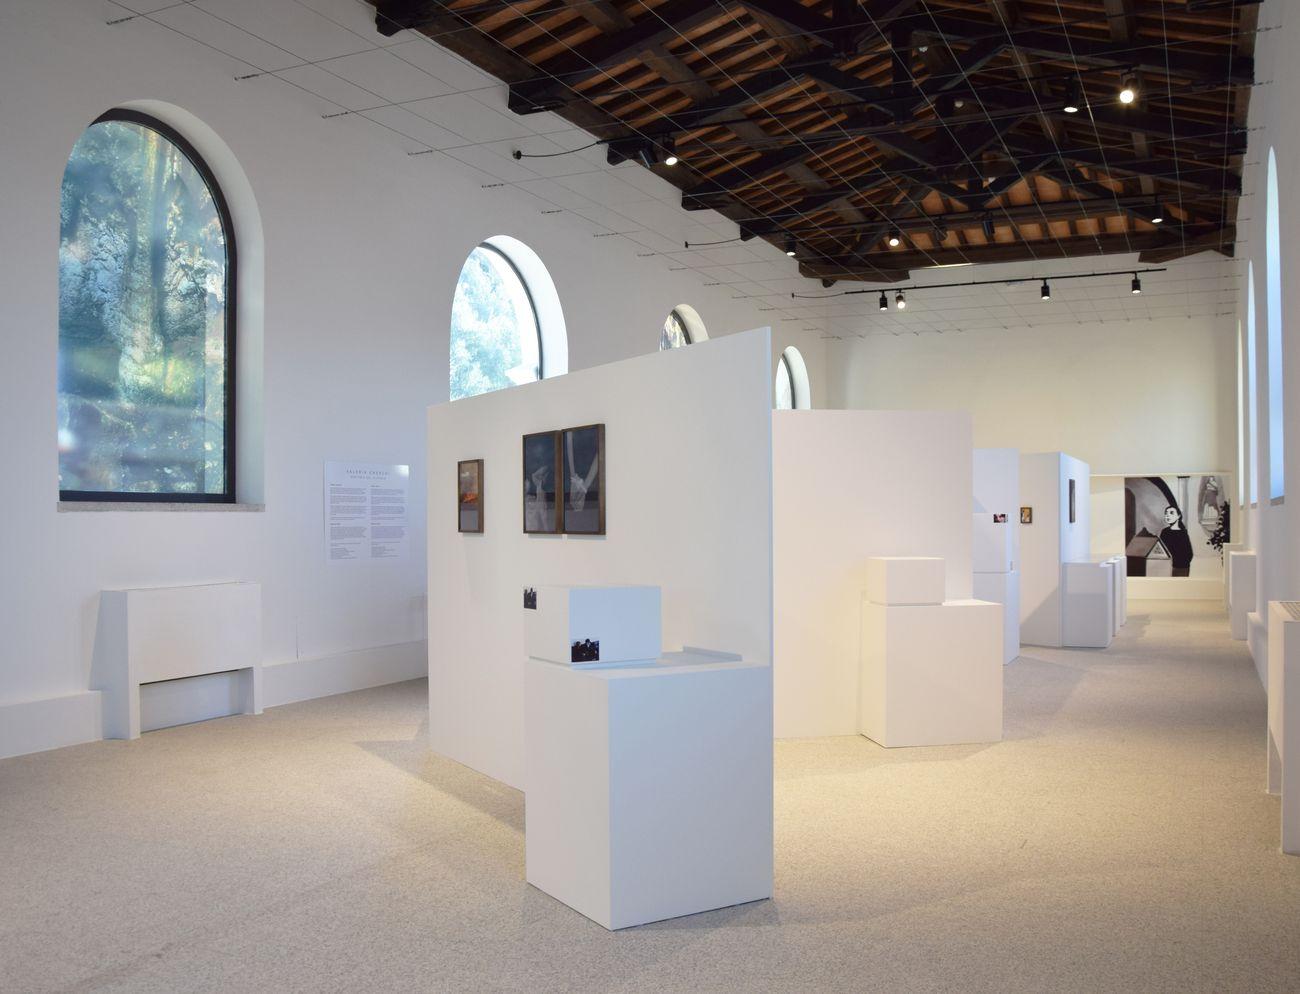 Valeria Cherchi. Anatomia del silenzio. Installation view at Museo Nivola, Nuoro 2020. Photo Luca Cheri